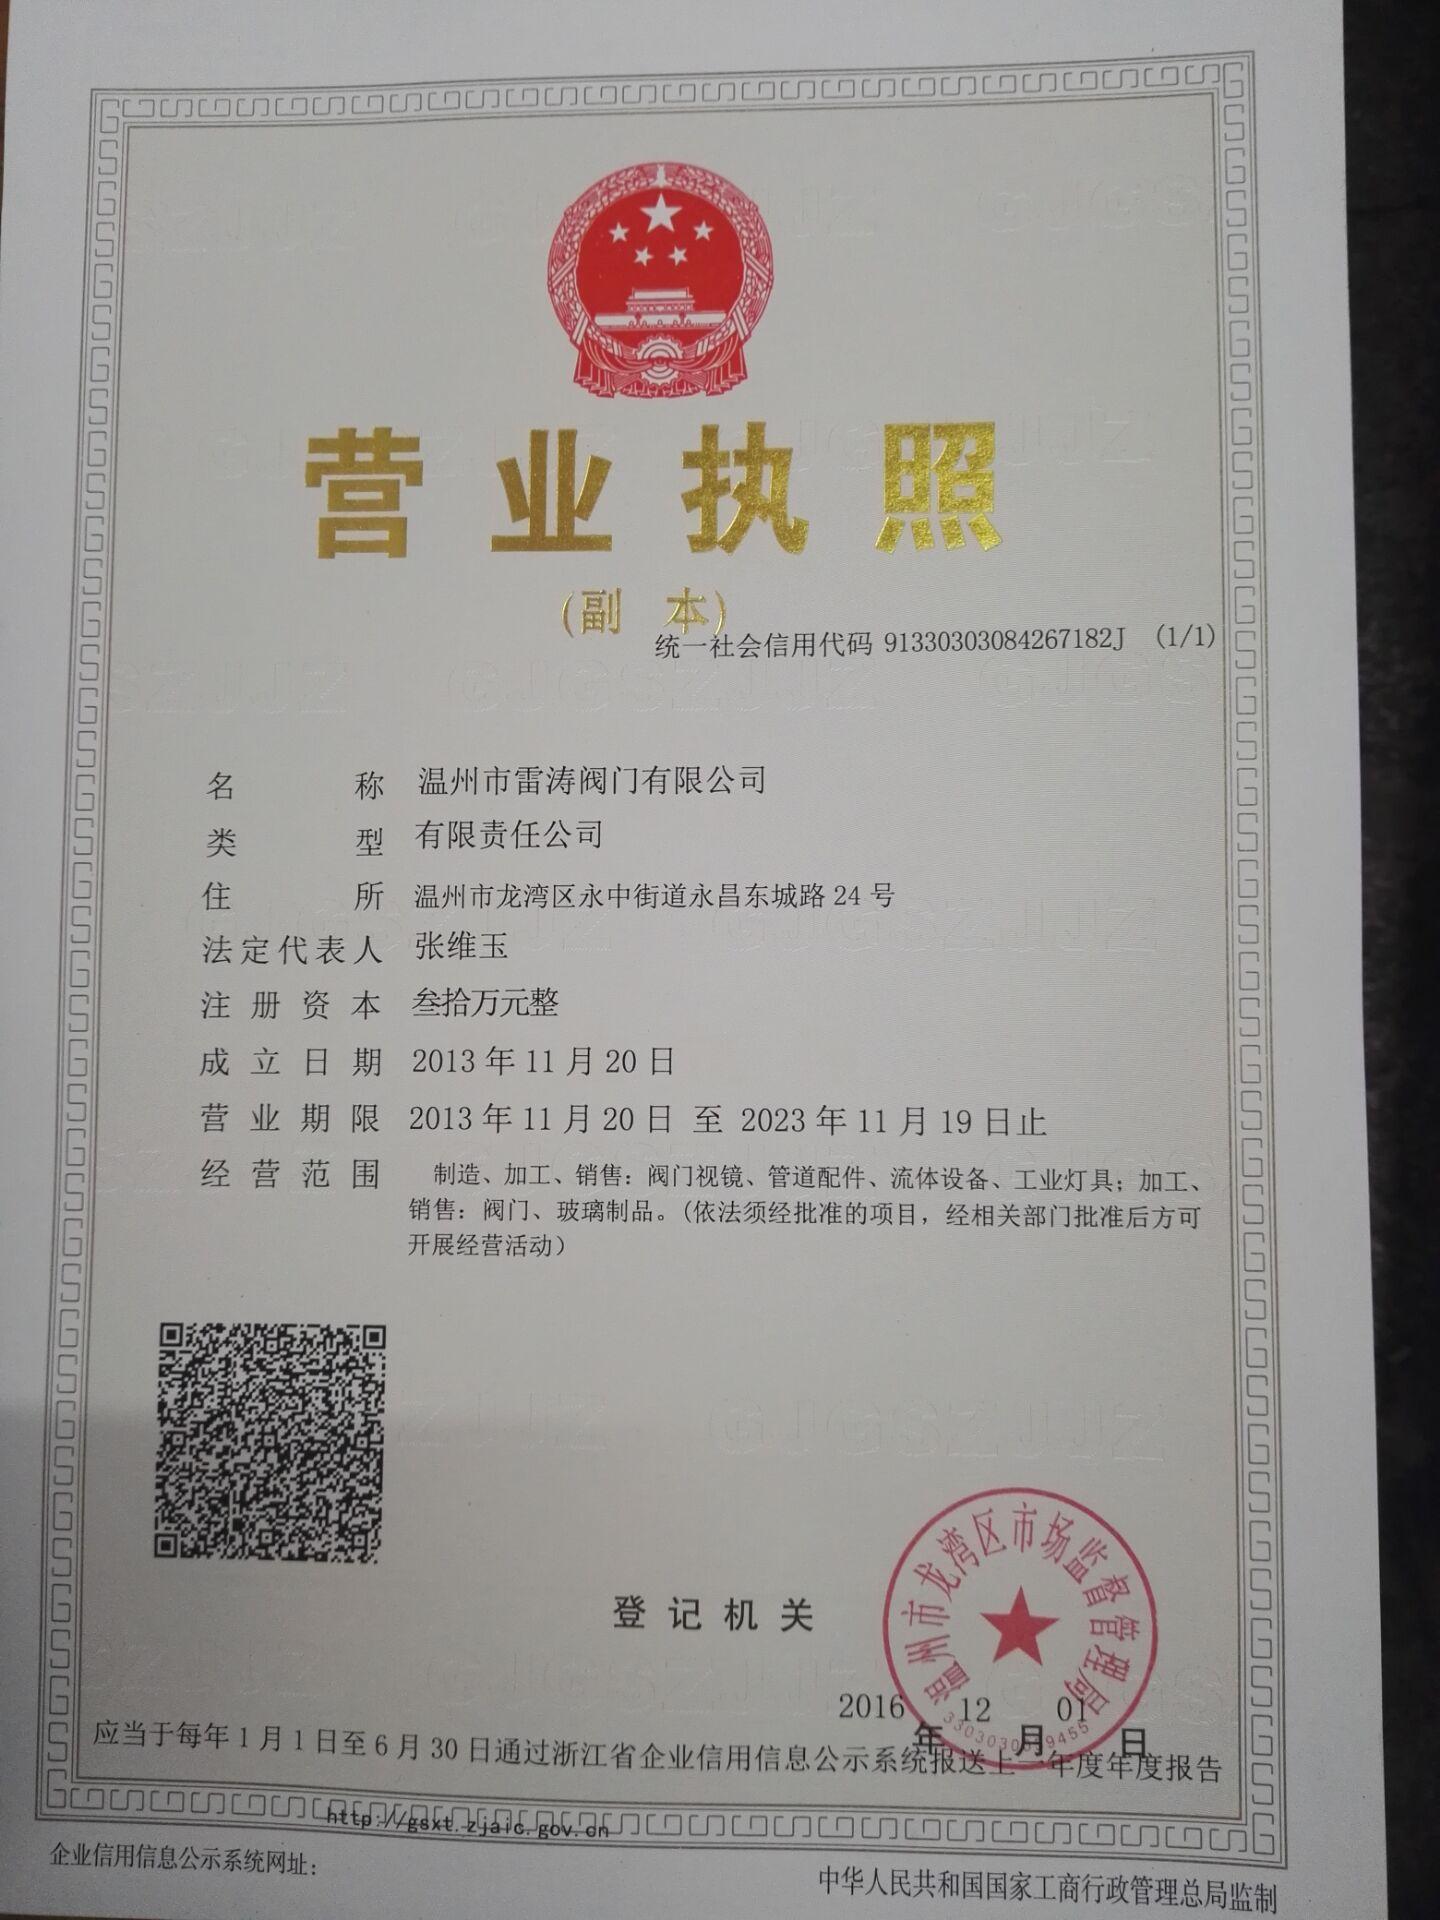 雷涛营业执照